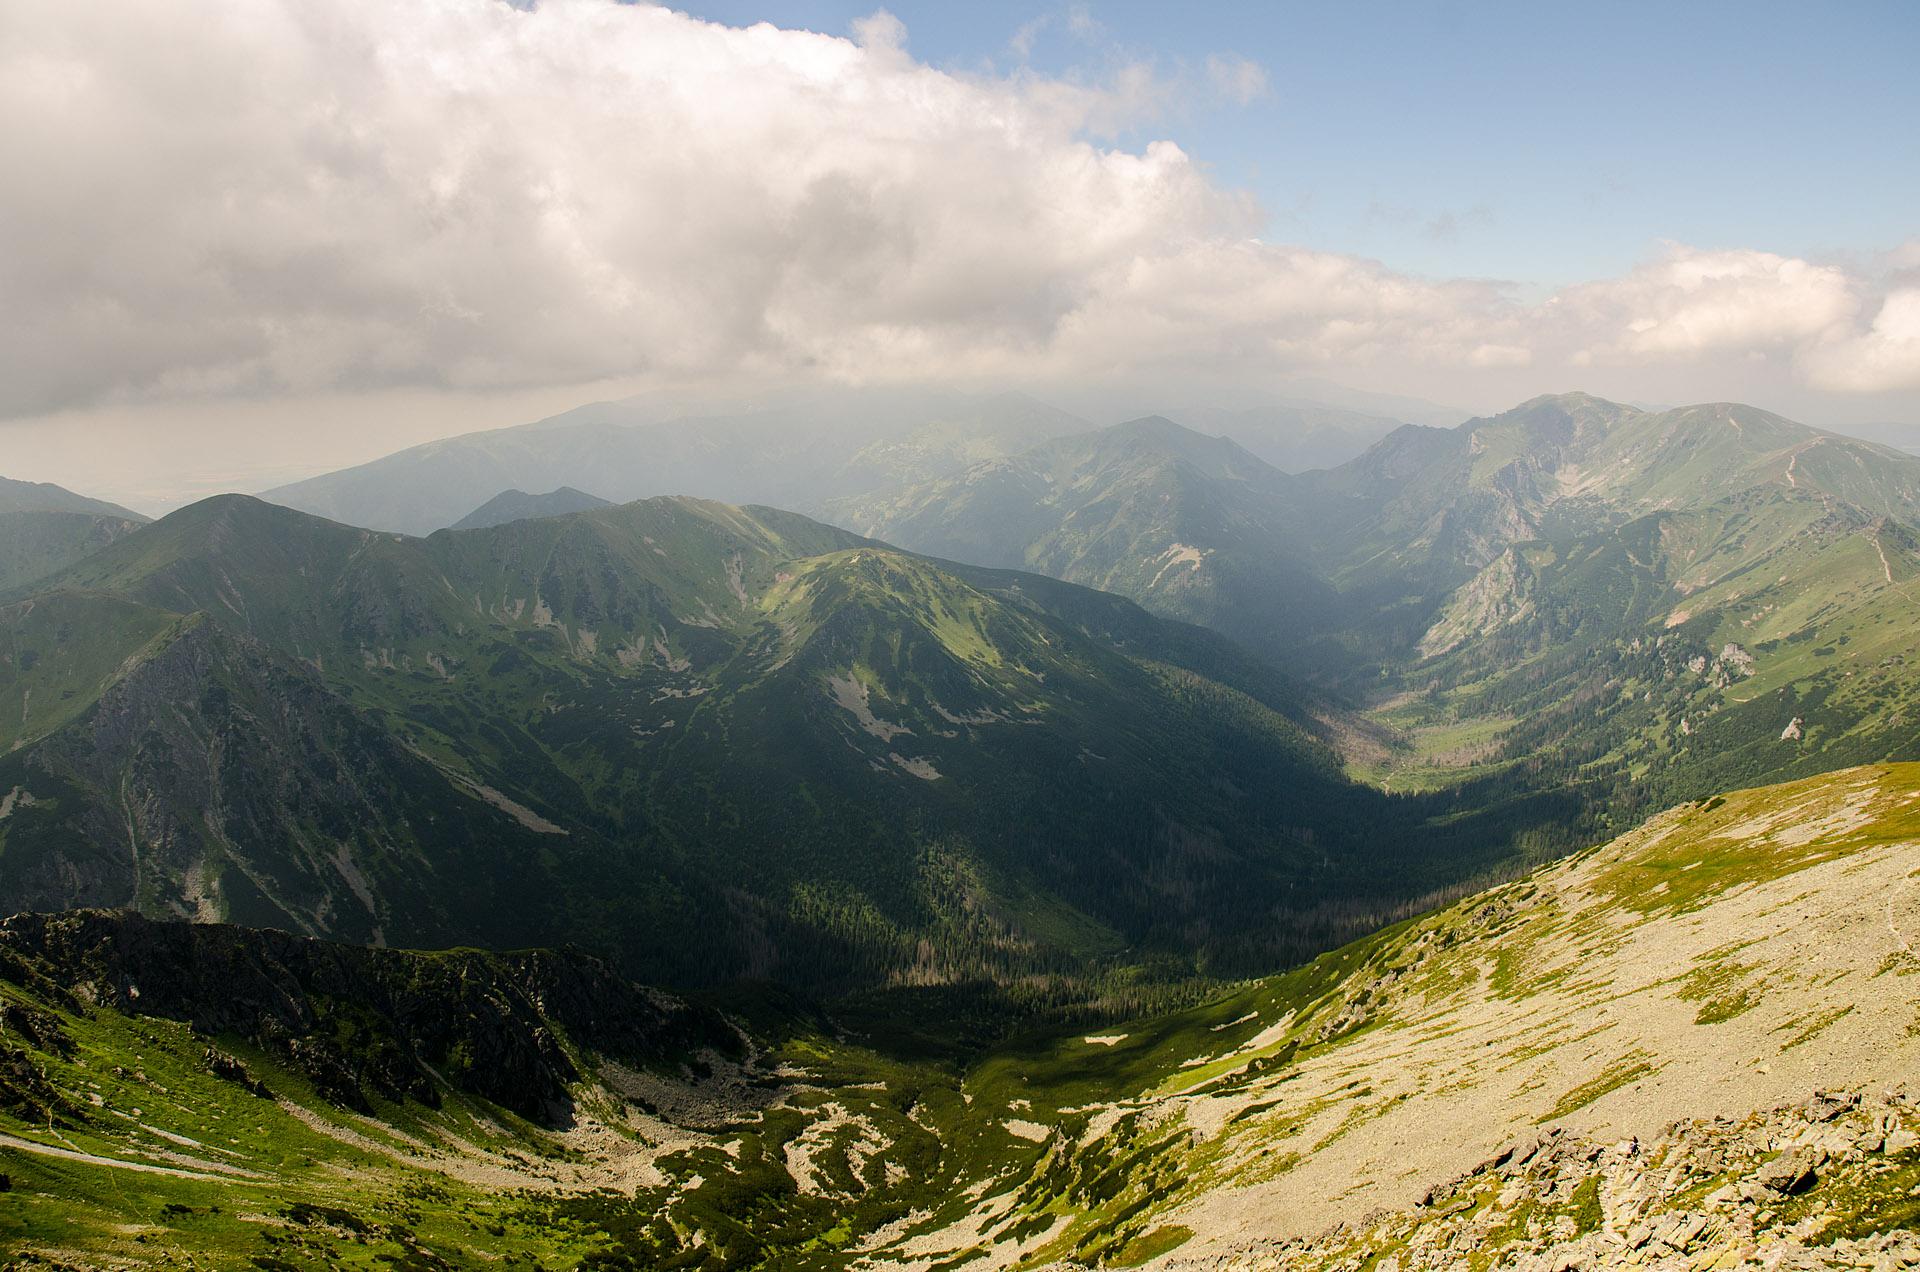 Ticha Dolina ('Silent Valley') & Slovakian Tatras